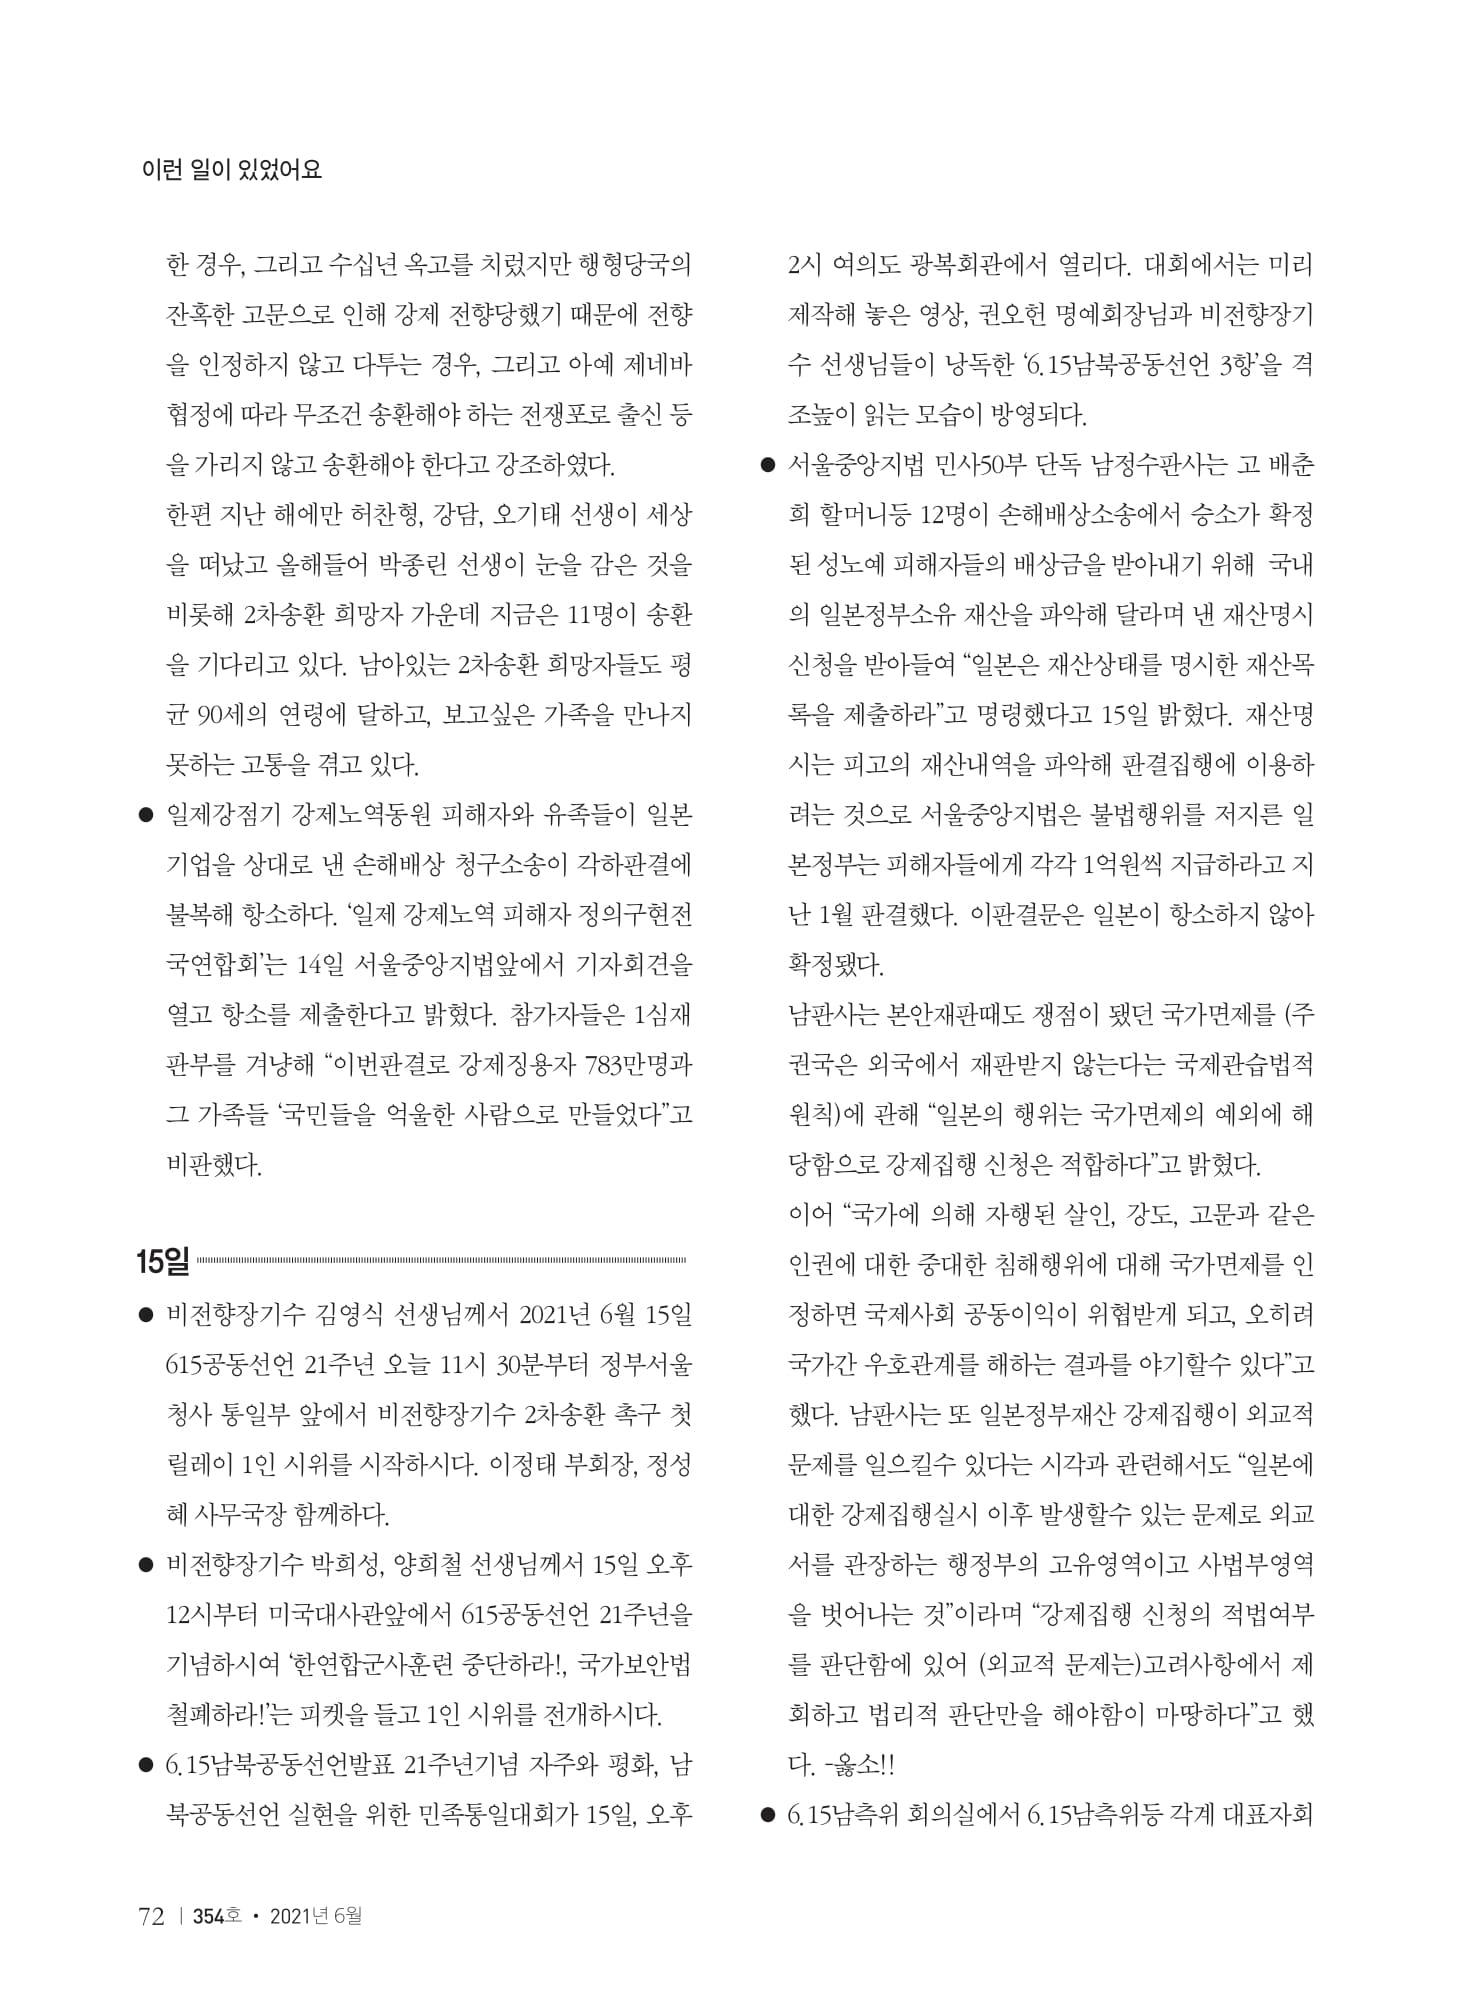 [양심수후원회] 소식지 354호 web 수정-74.jpg